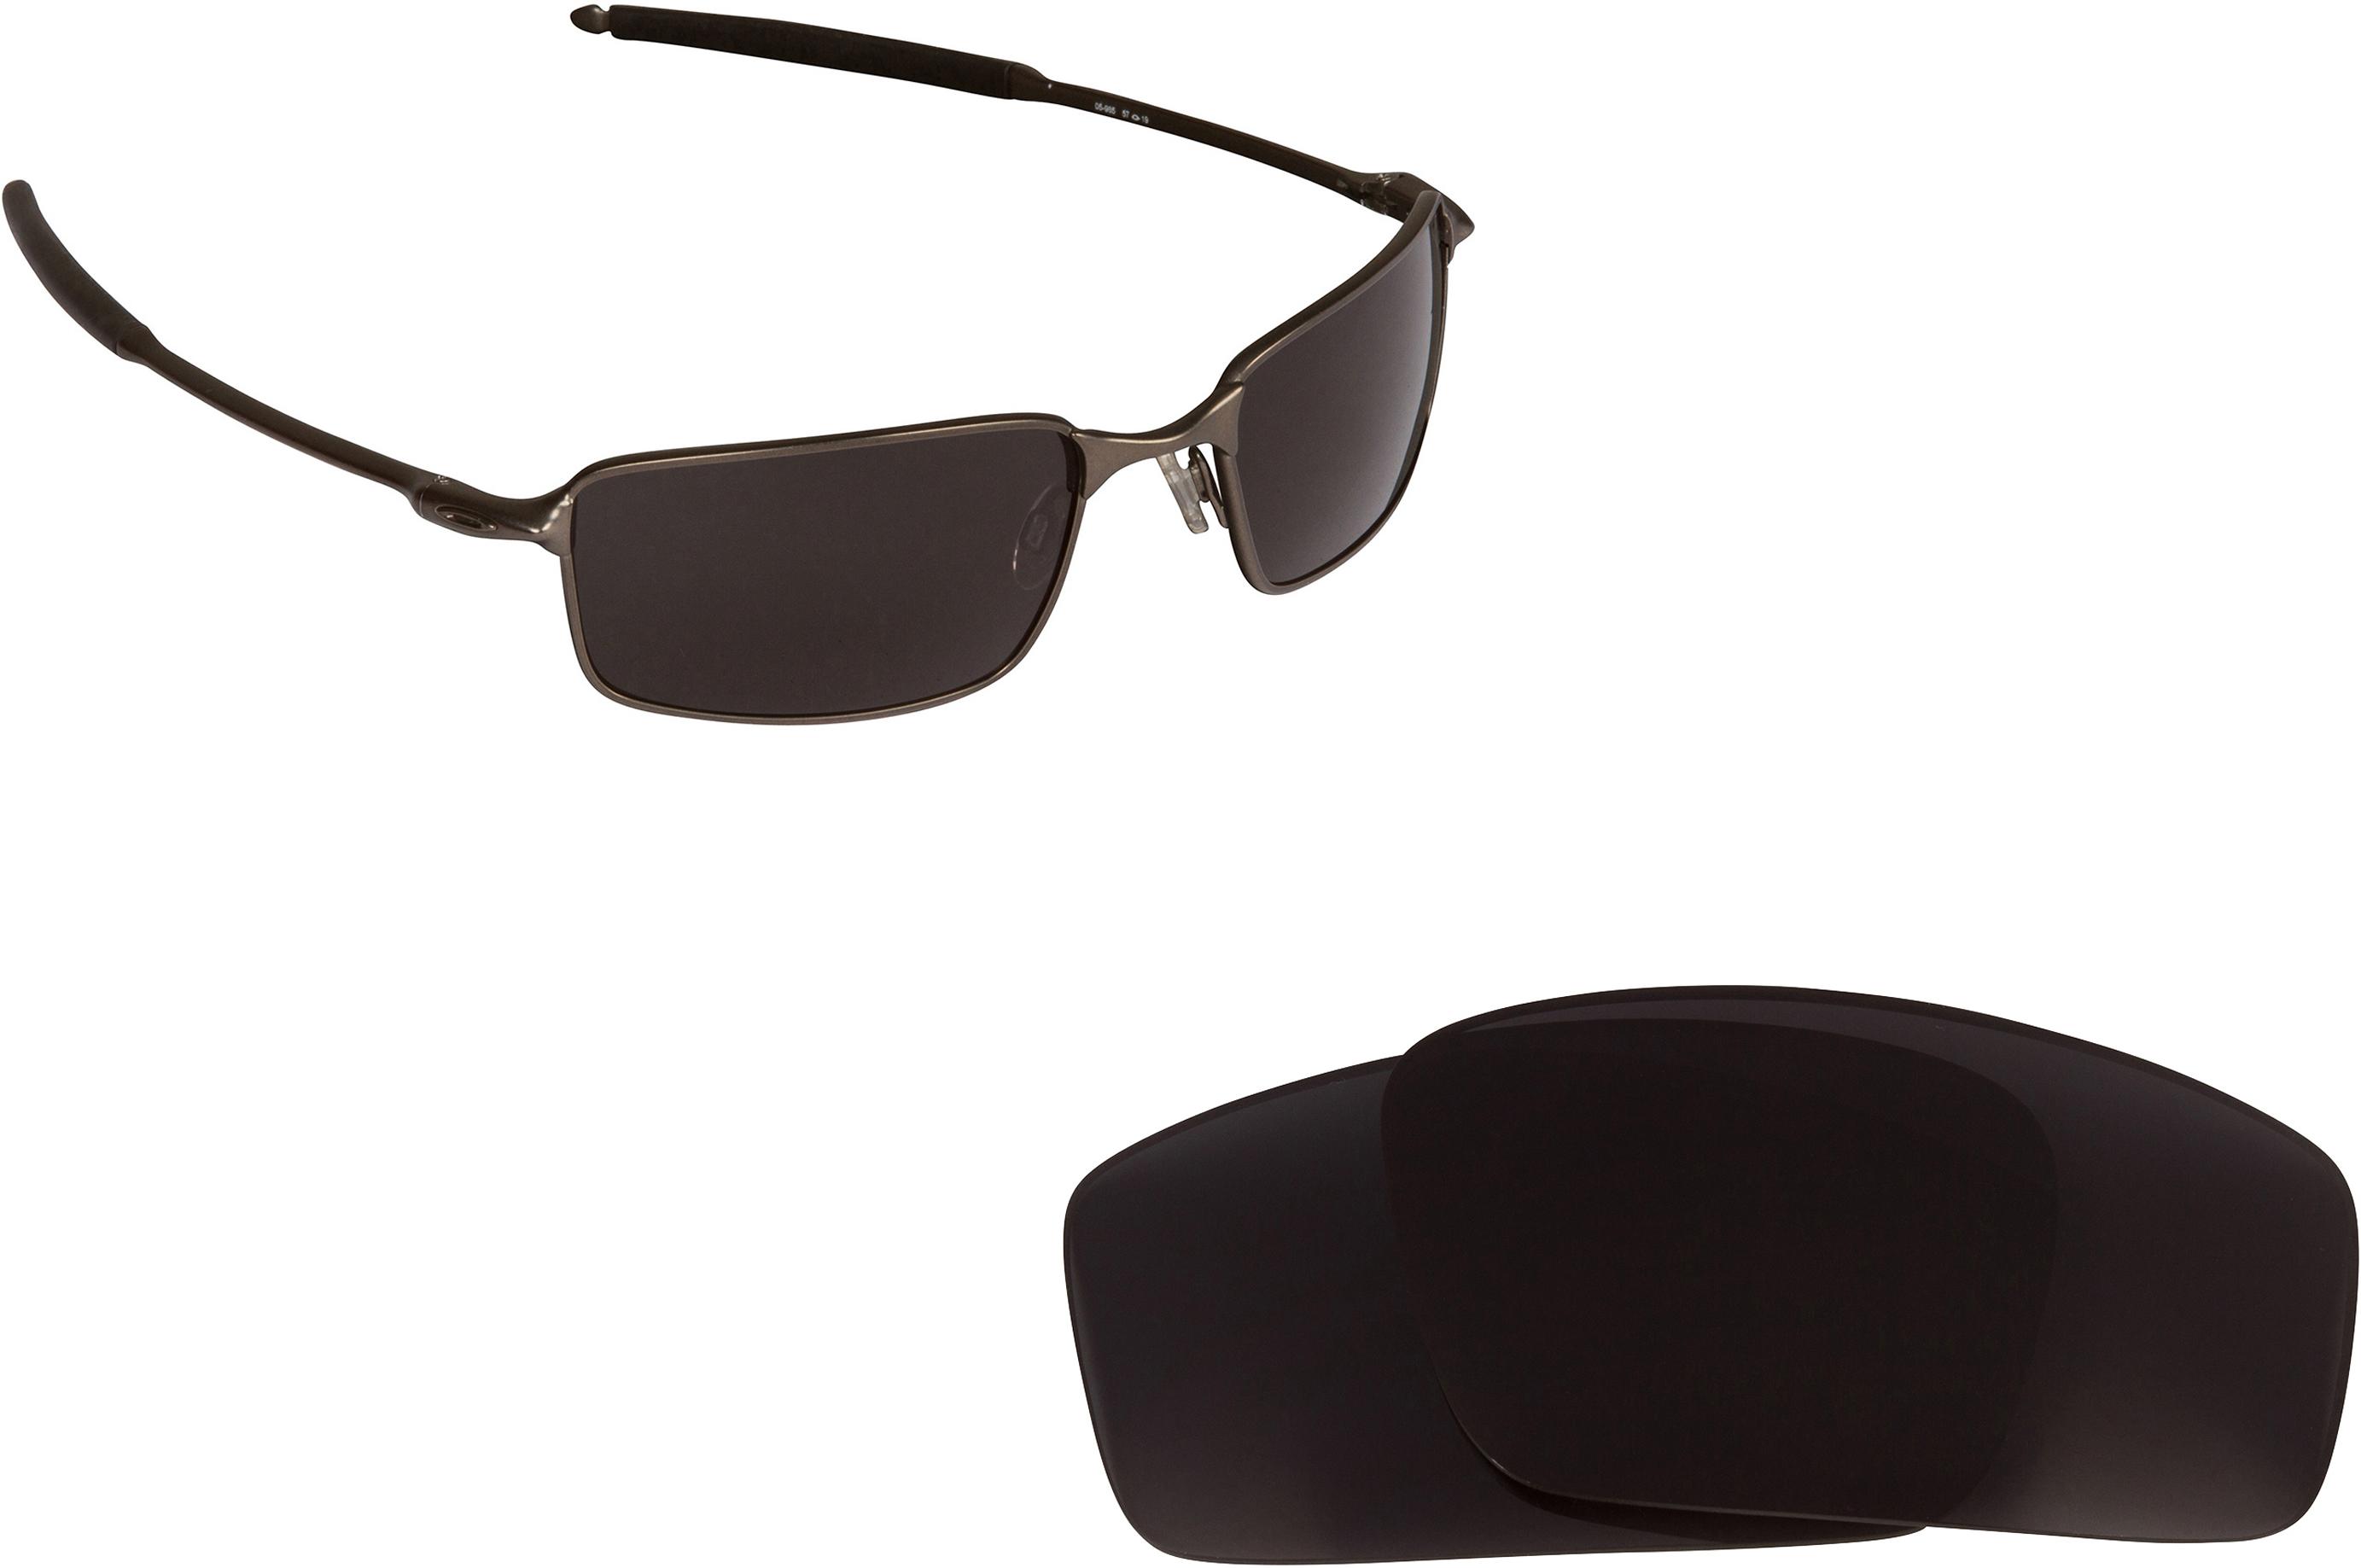 oakley jade iridium goggles  compare to oakley